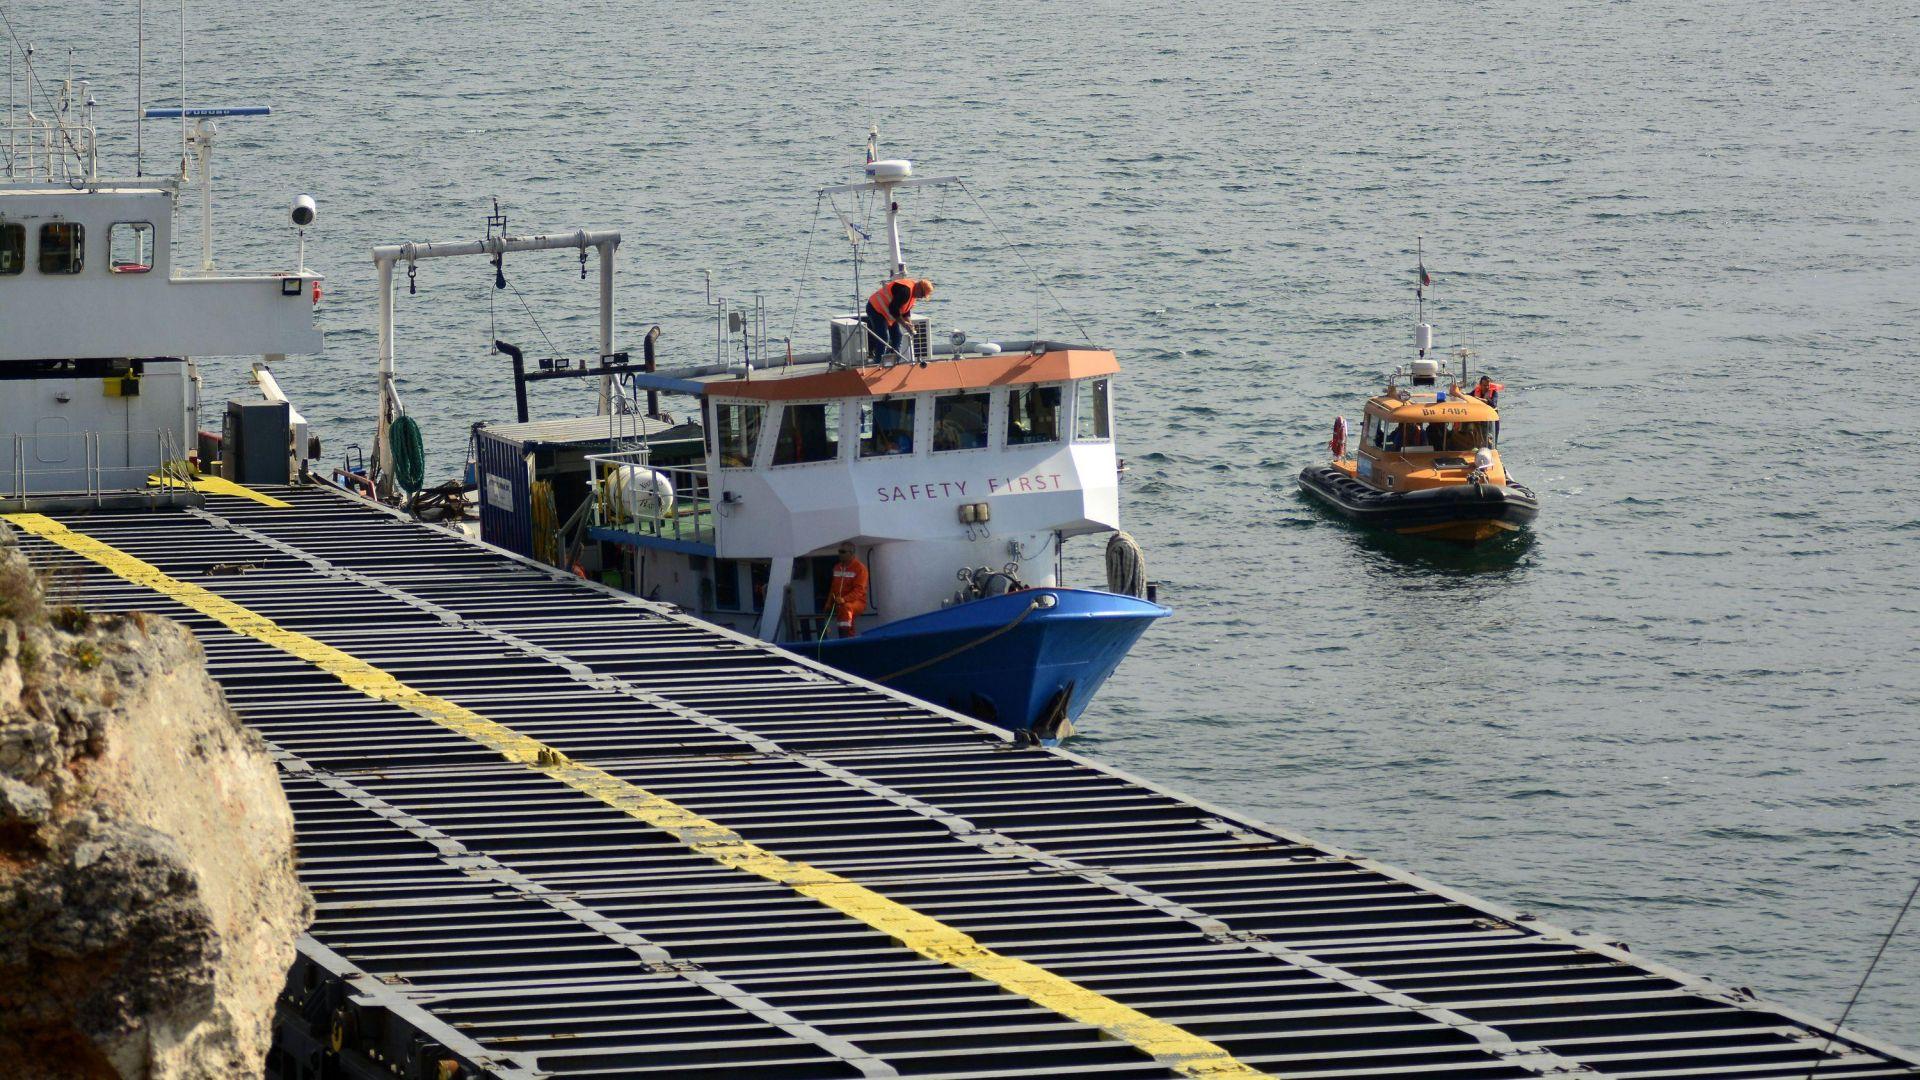 """Прокуратурата ще разпитва екипажа на товарния кораб """"Vera Su"""", когато бъде свален на брега"""